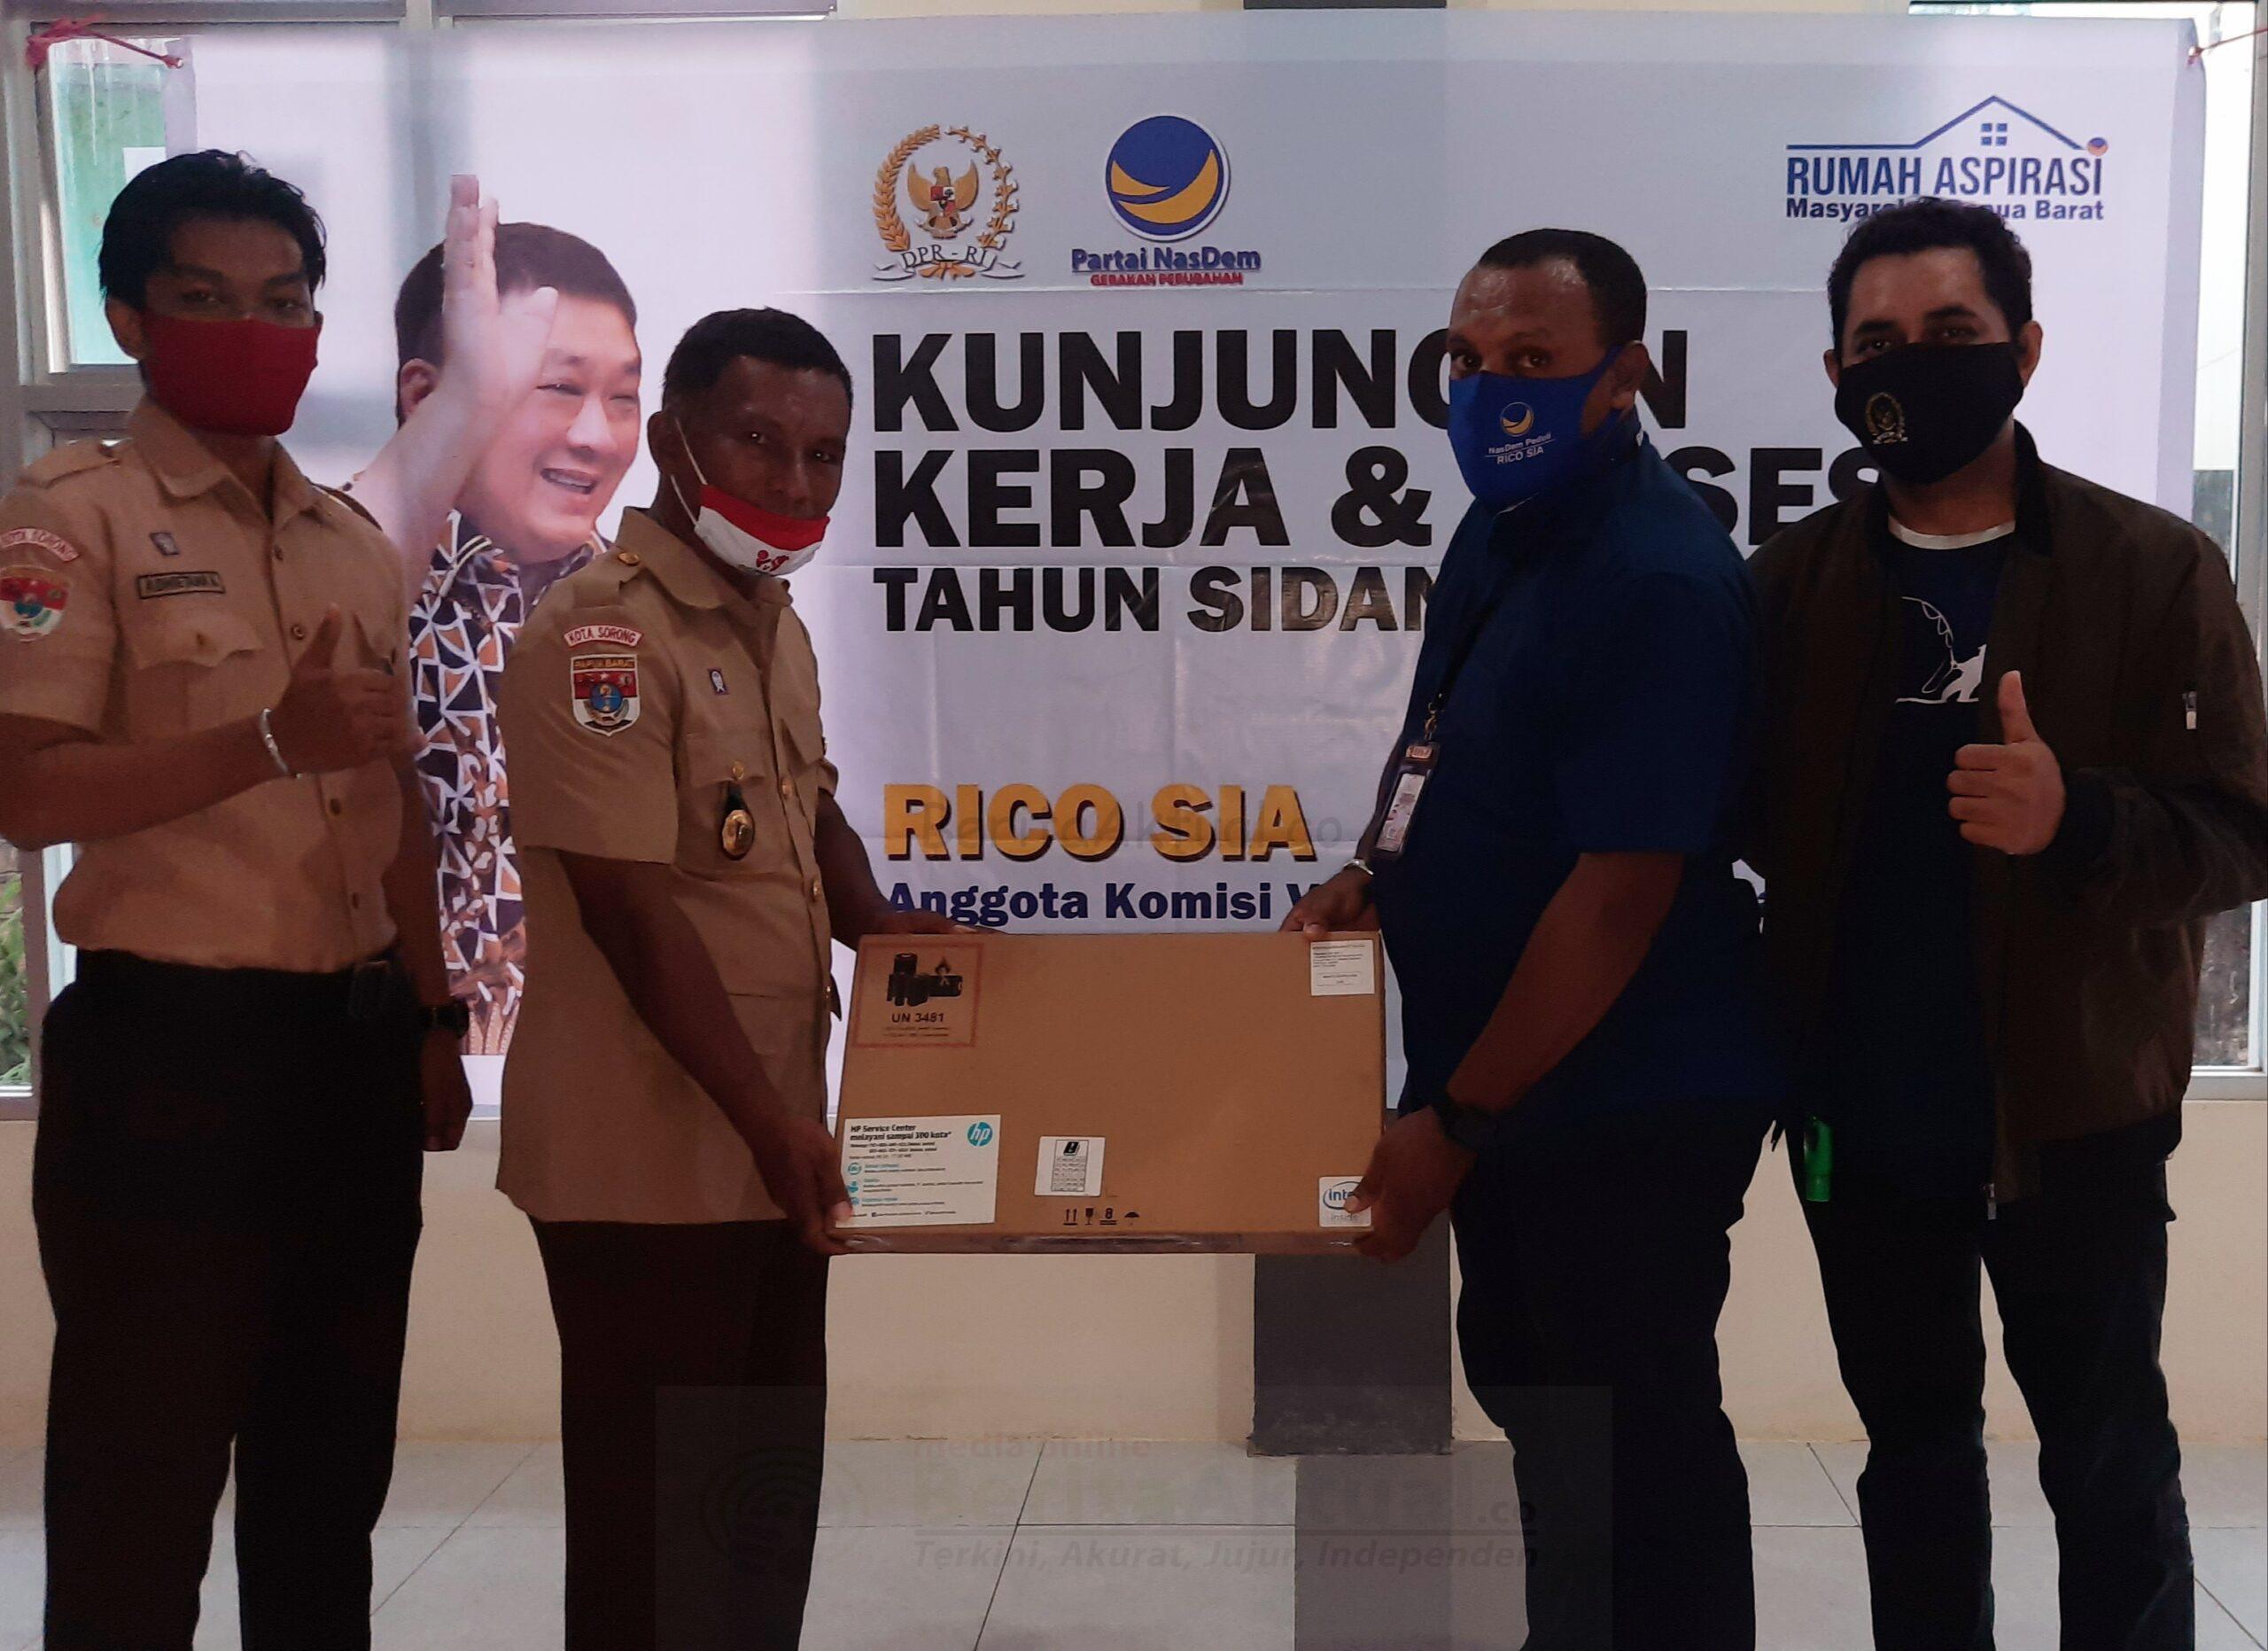 Rico Sia Realisasikan Bantuan Teknologi Untuk Kwarcab Dan Sekolah di Sorong 7 20201107 215201 scaled